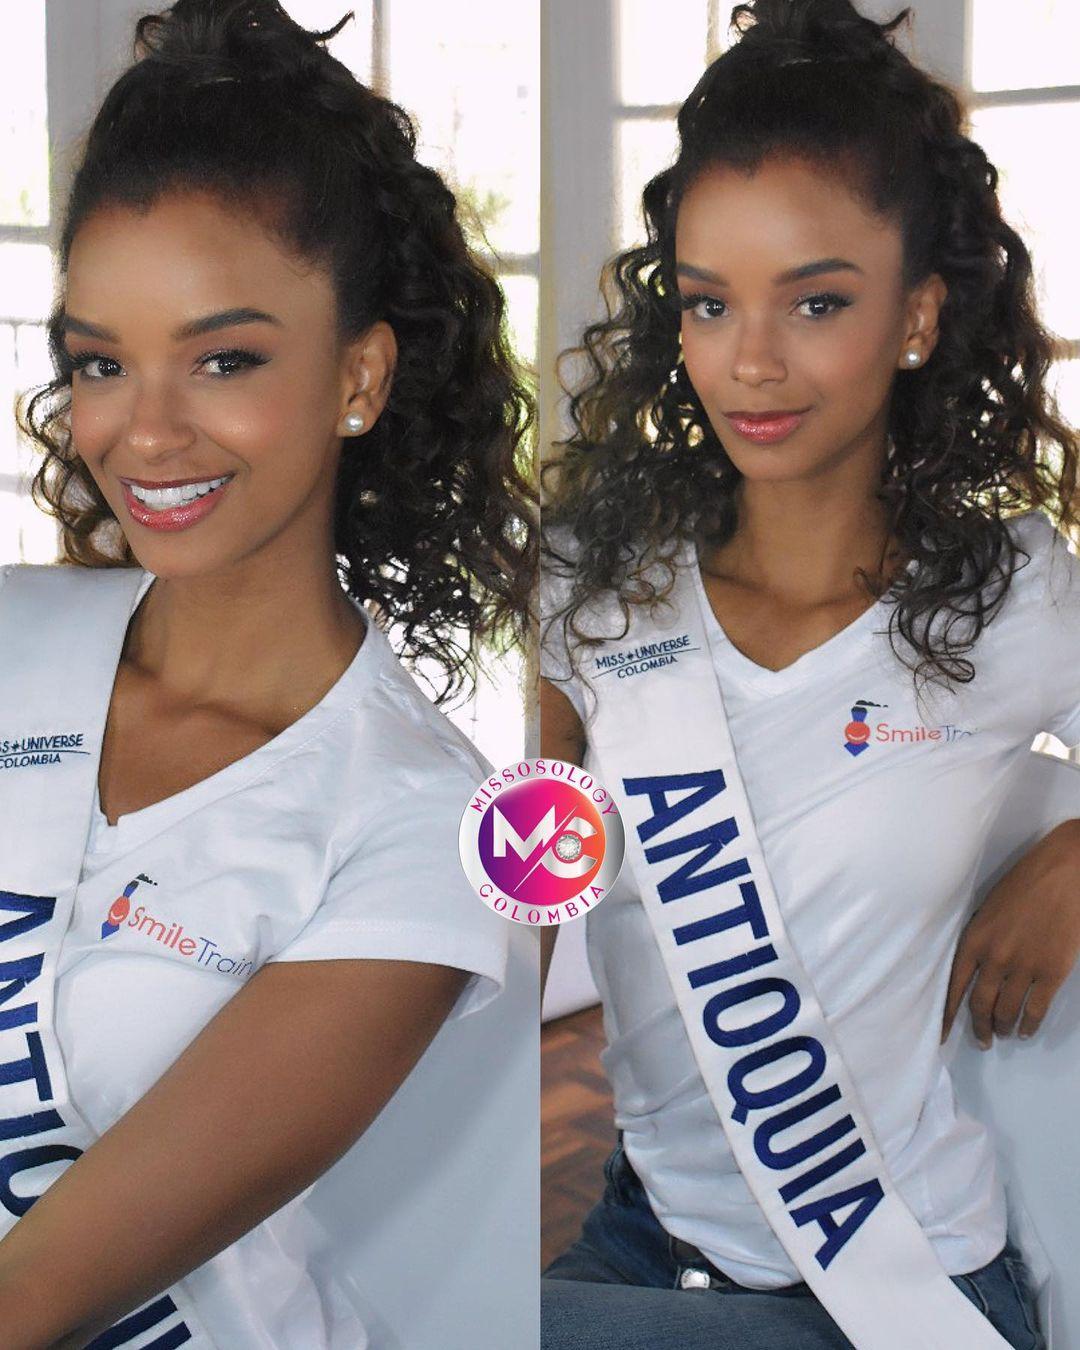 carolina londono, top 16 de miss colombia universo 2020. - Página 4 Missos20